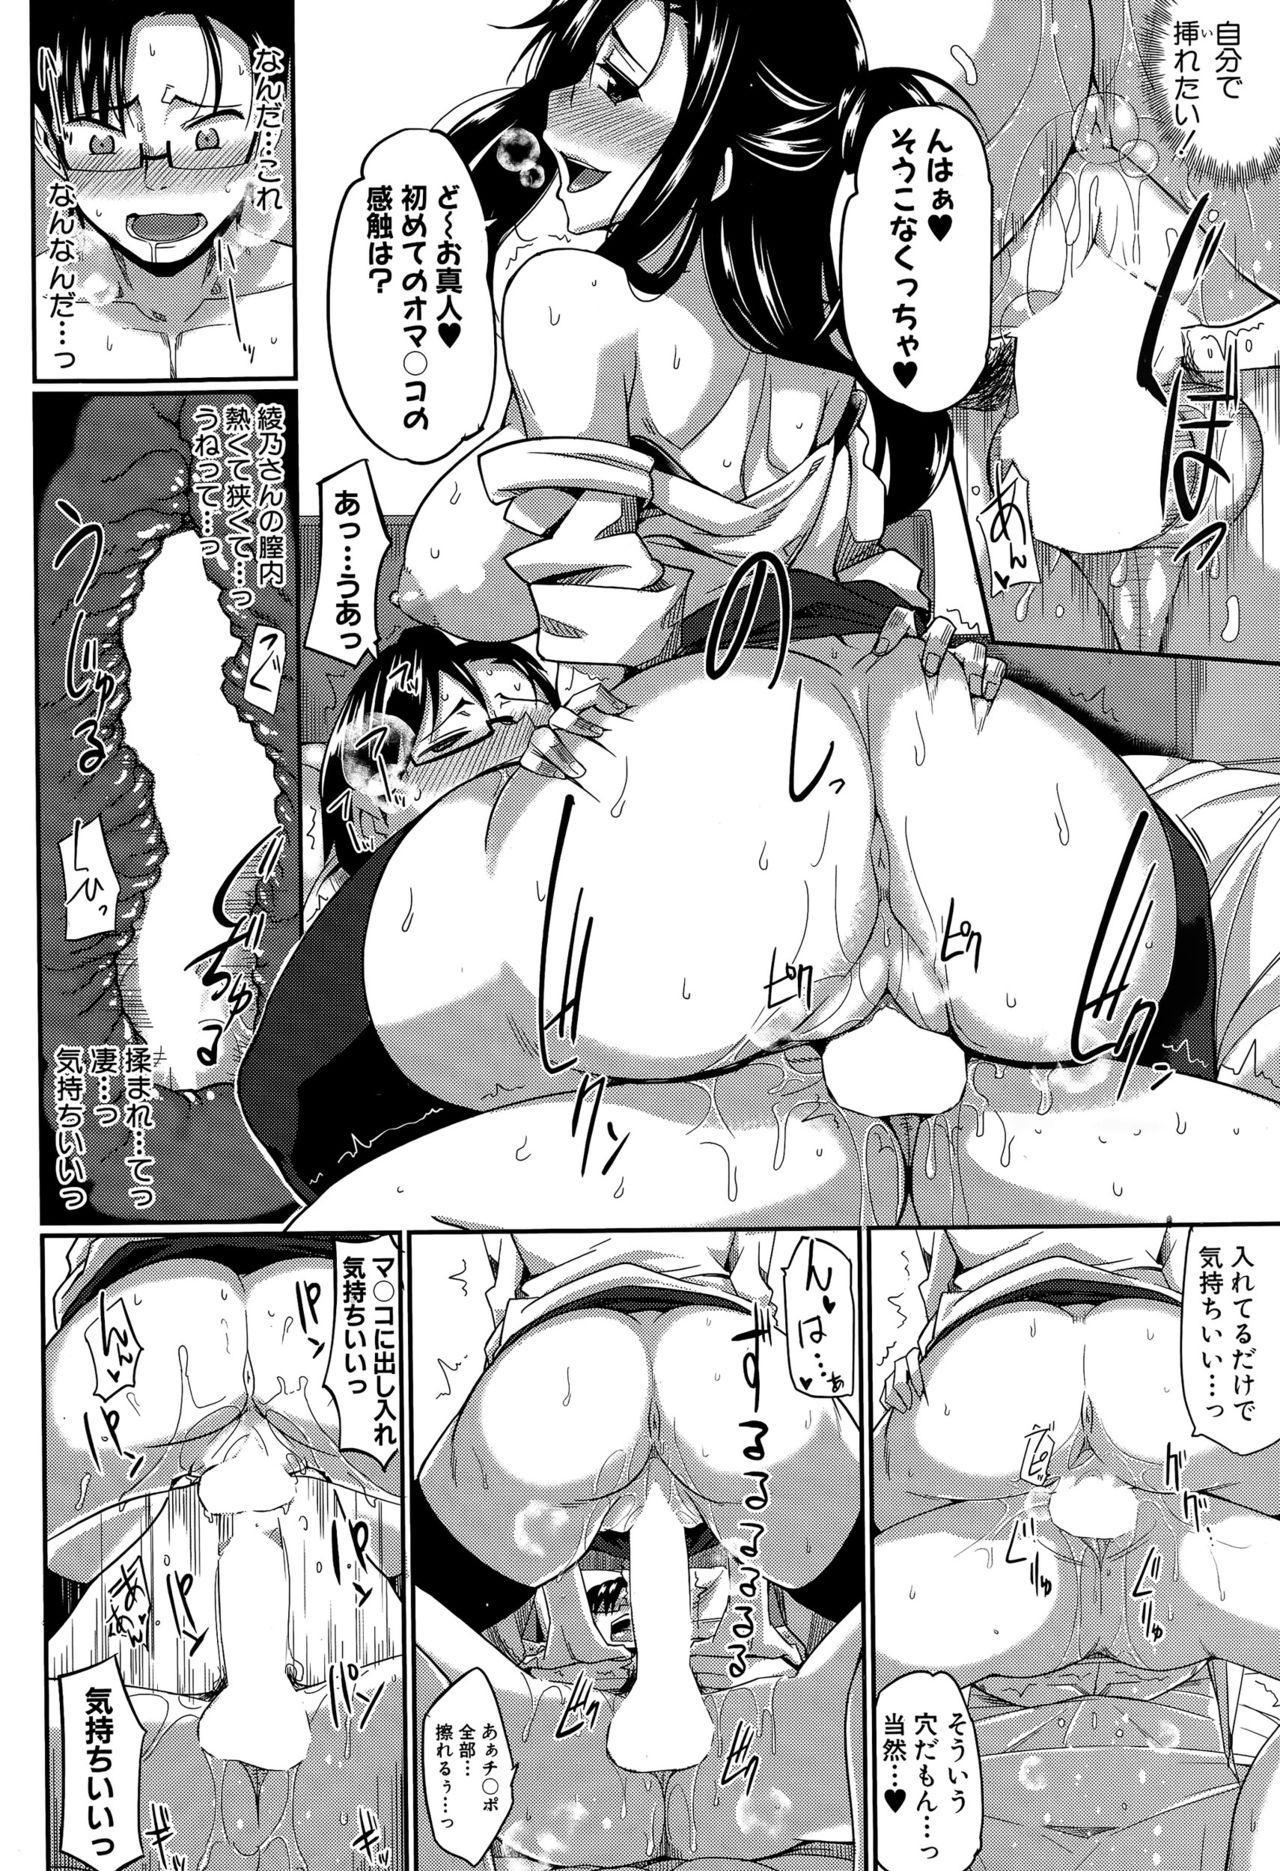 Inma no Mikata! Ch.1-3 31